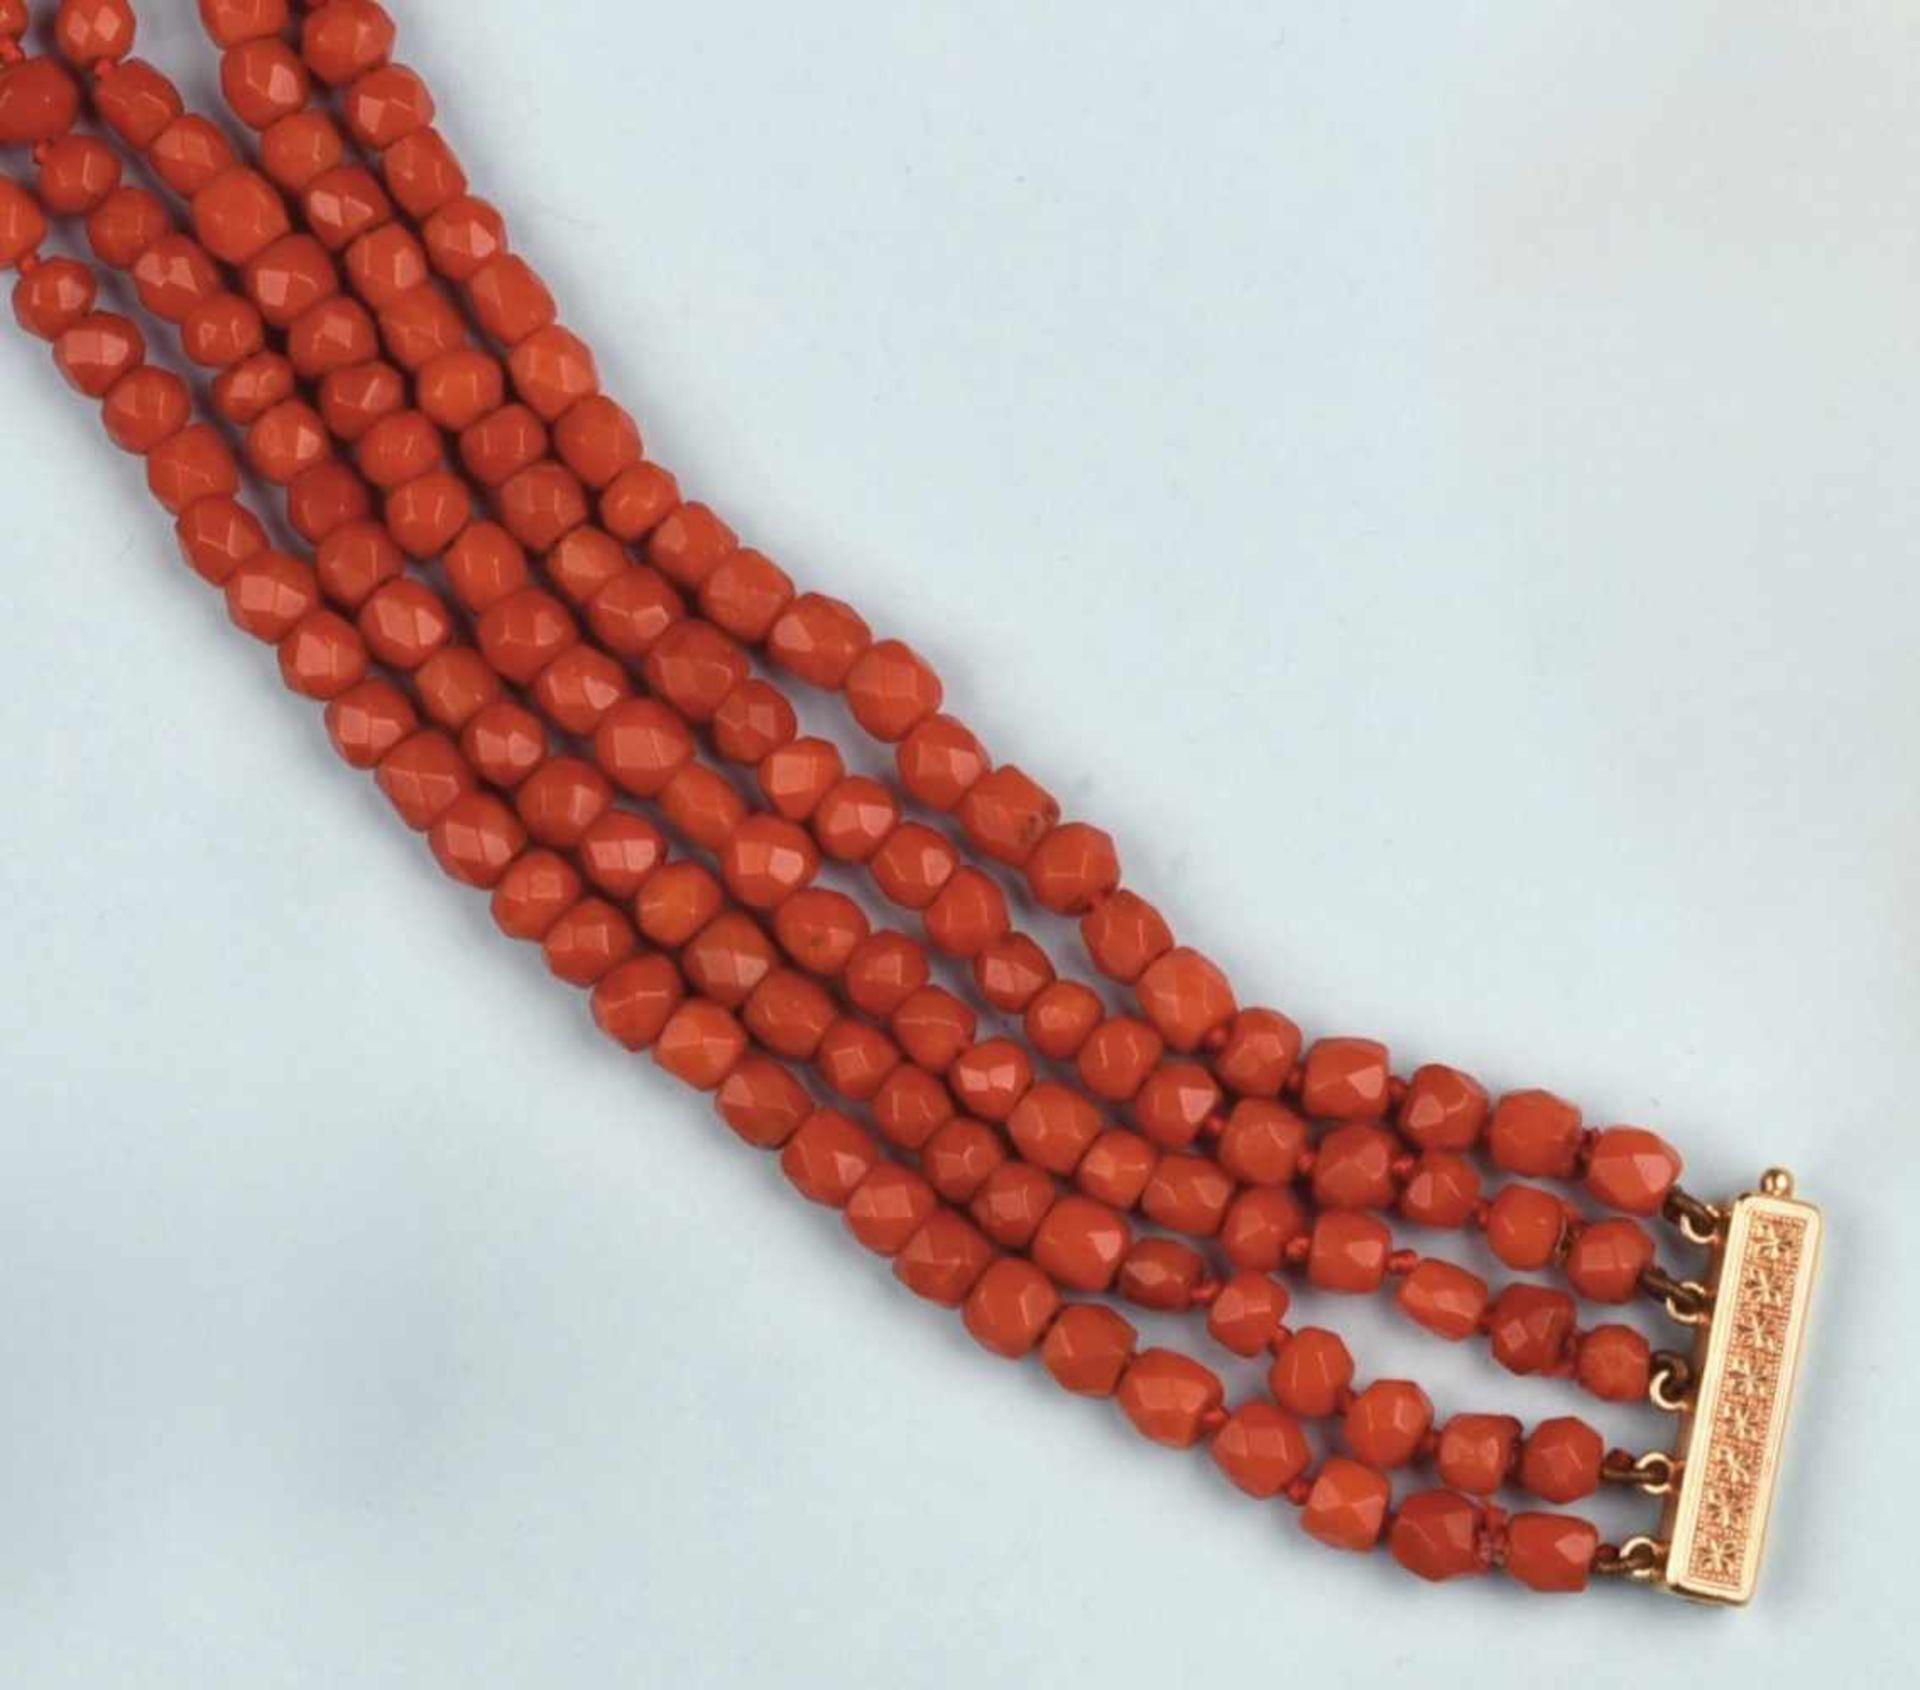 Ravissant bracelet composé de cinq rangs de boules de corail facettées. Fermoir barrette en or jaune